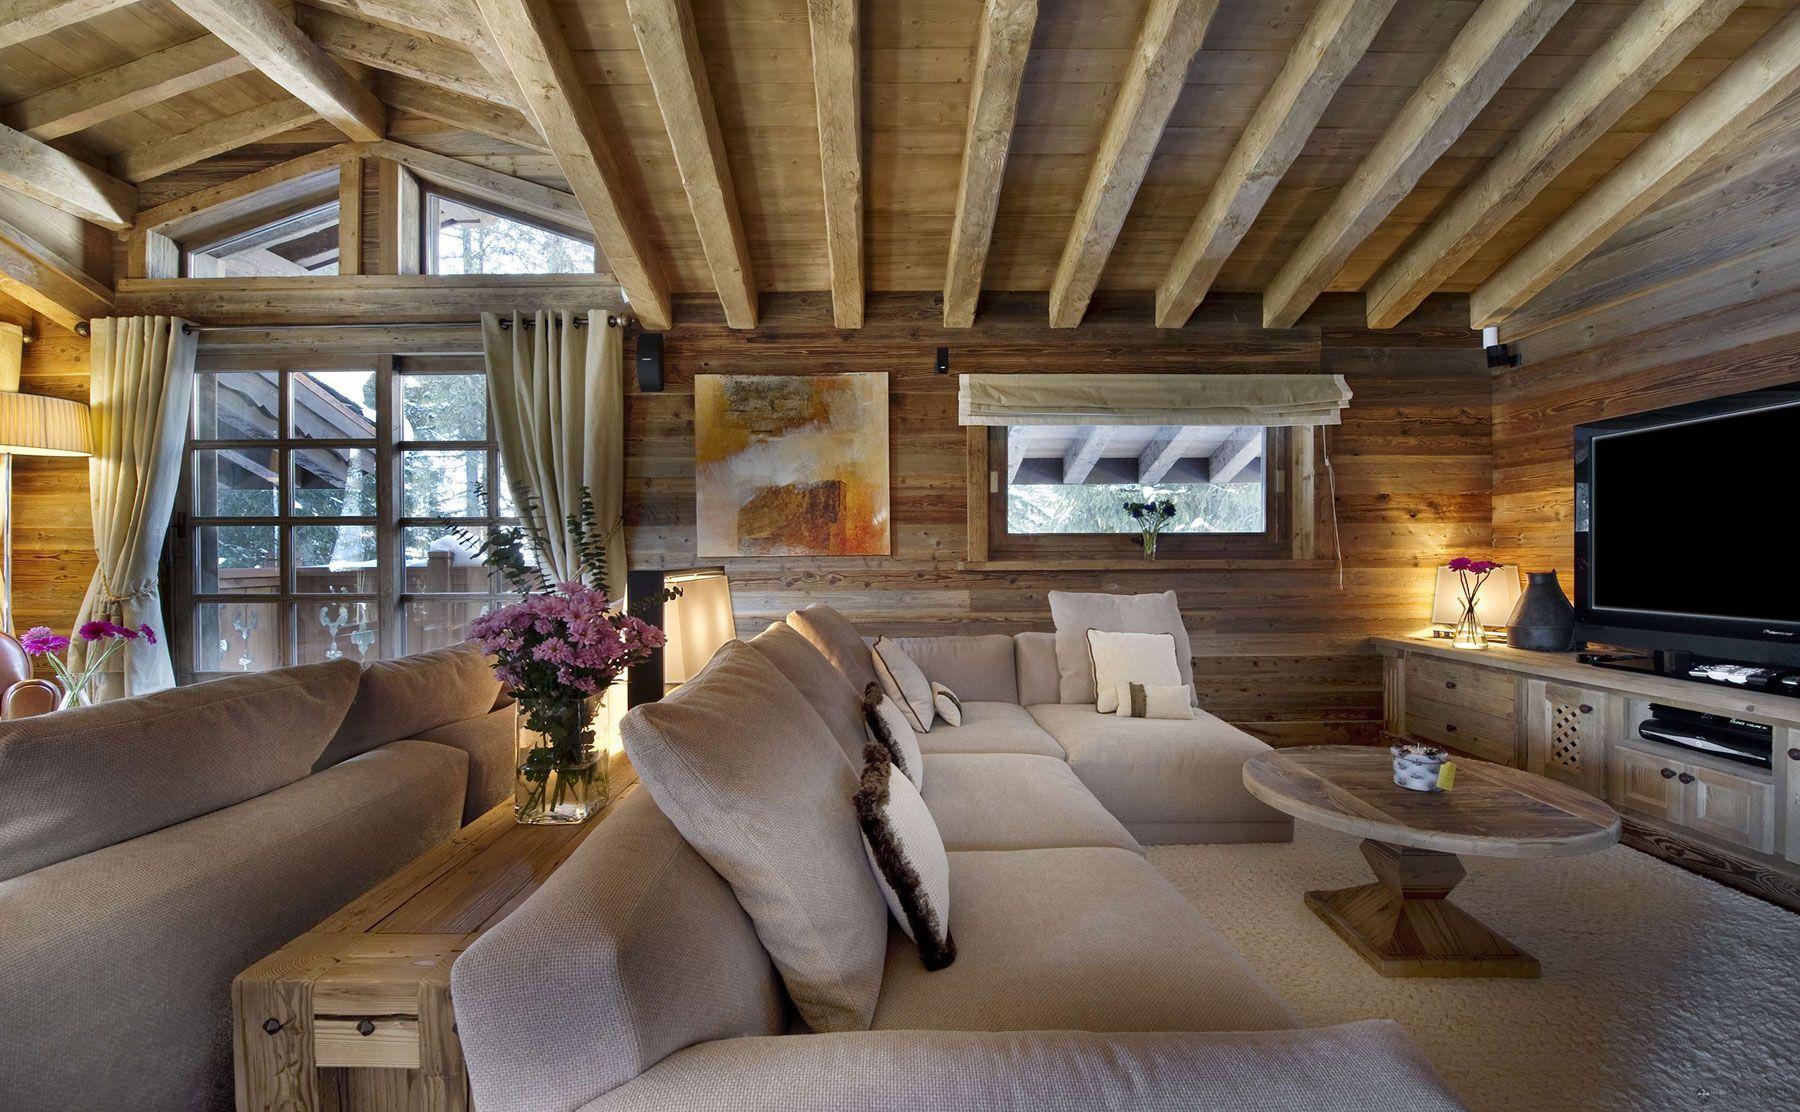 Gut 70 Moderne, Innovative Luxus Interieur Ideen Fürs Wohnzimmer   Weiss  Moebelstuecke Idee Design Wohnbereich